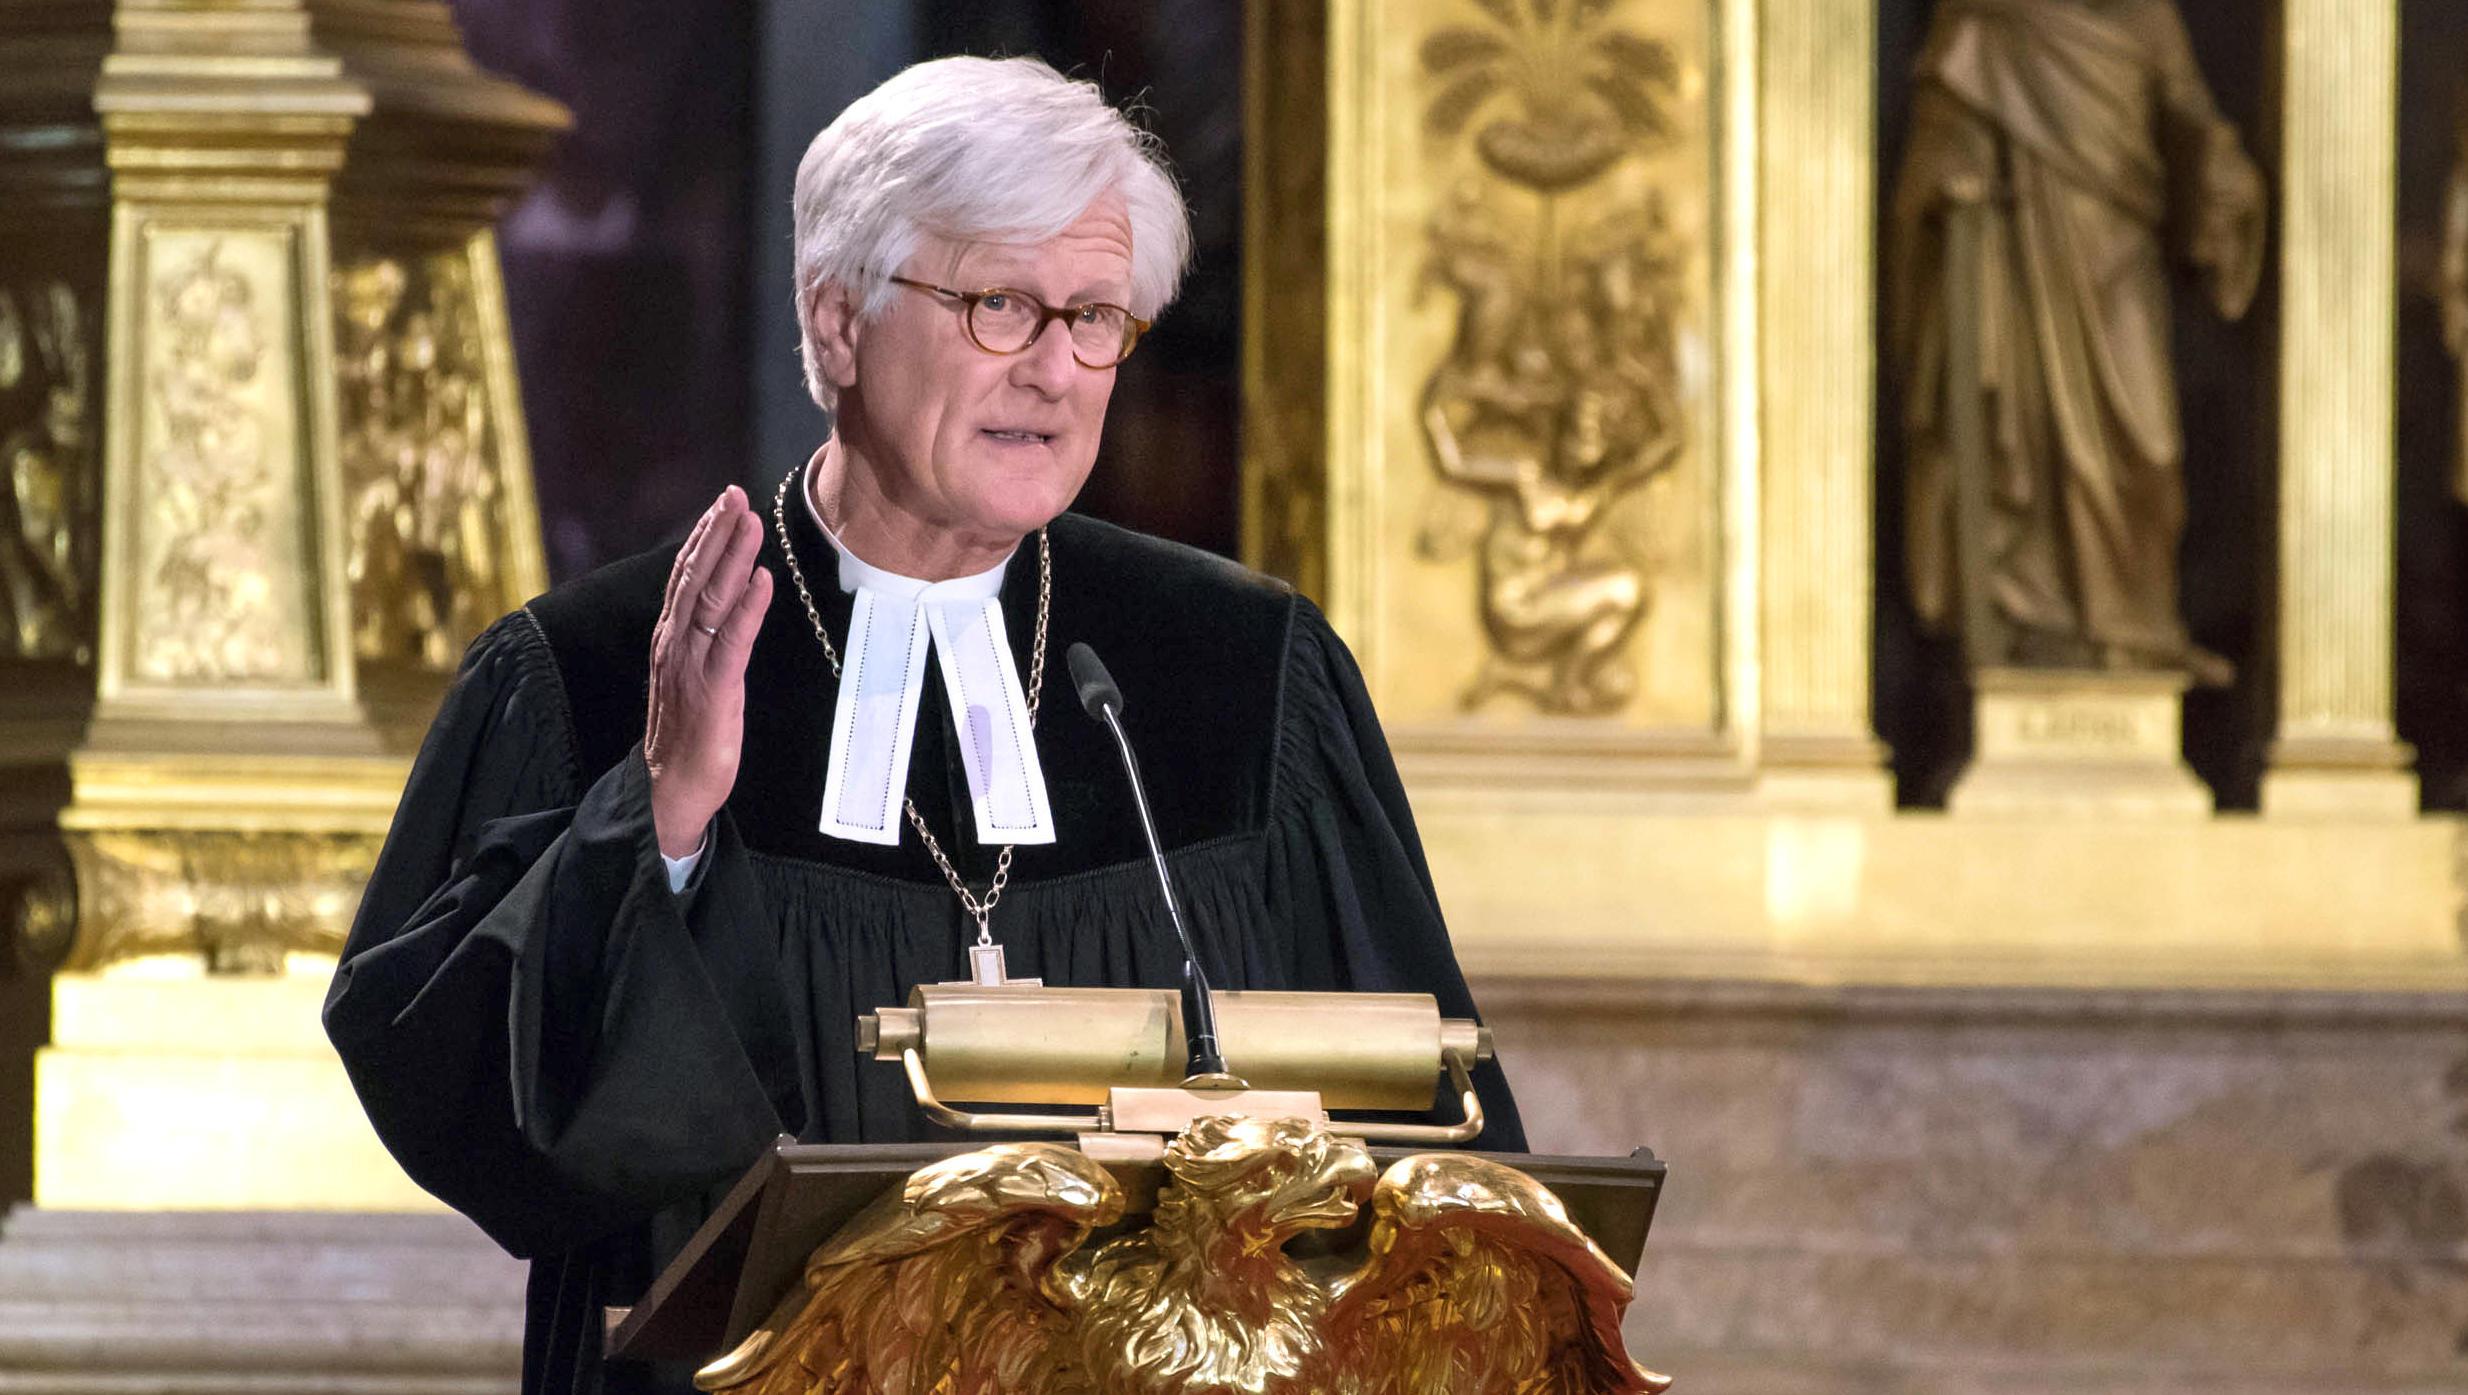 Mehr als eine halbe Million Deutsche aus der Kirche ausgetreten